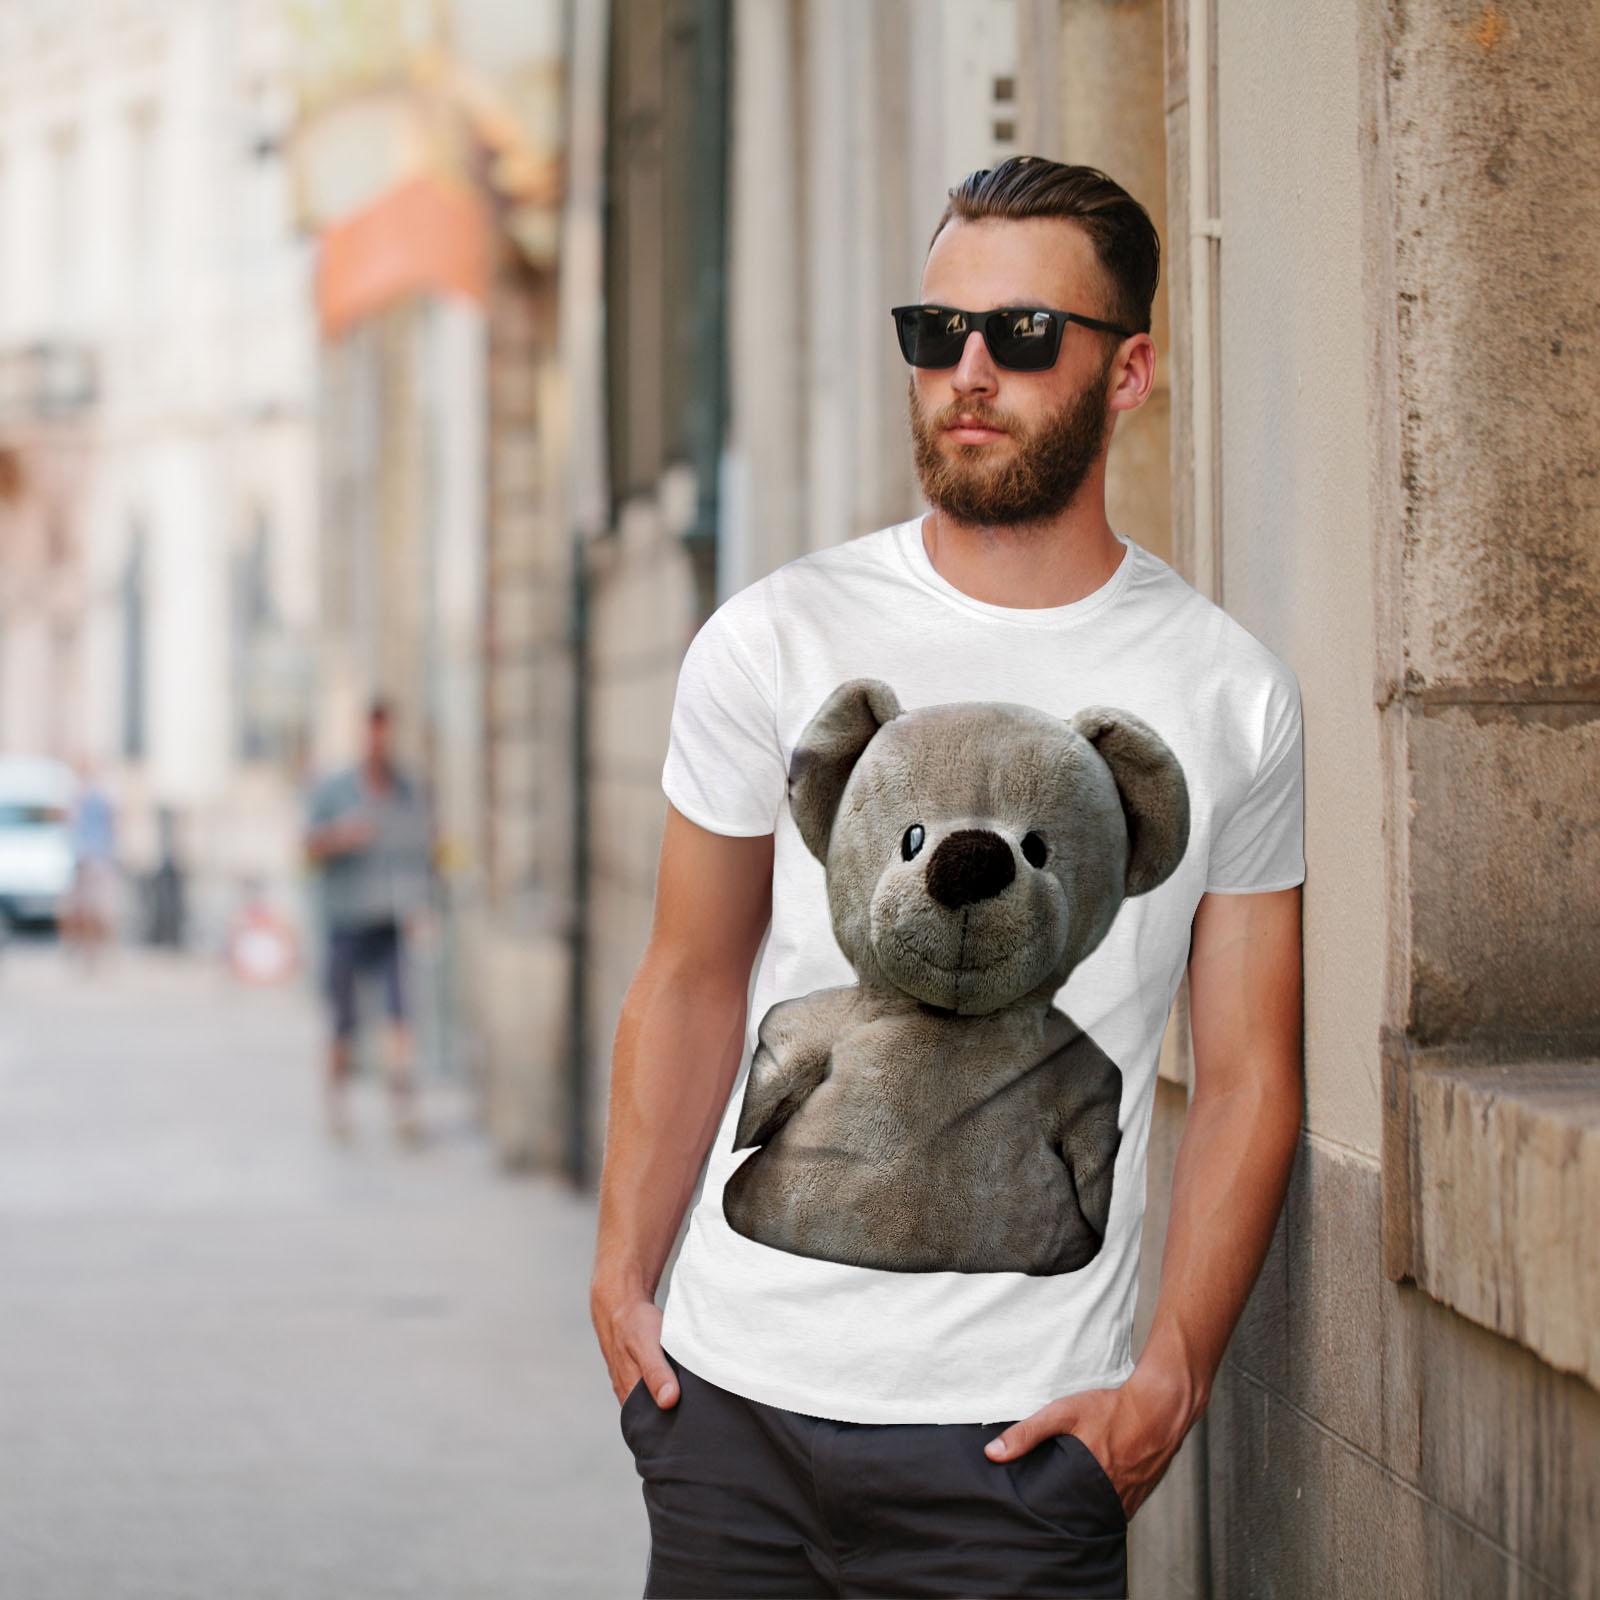 miniature 11 - Wellcoda Cute Plush Mens T-shirt, Teddy Bear Graphic Design Printed Tee